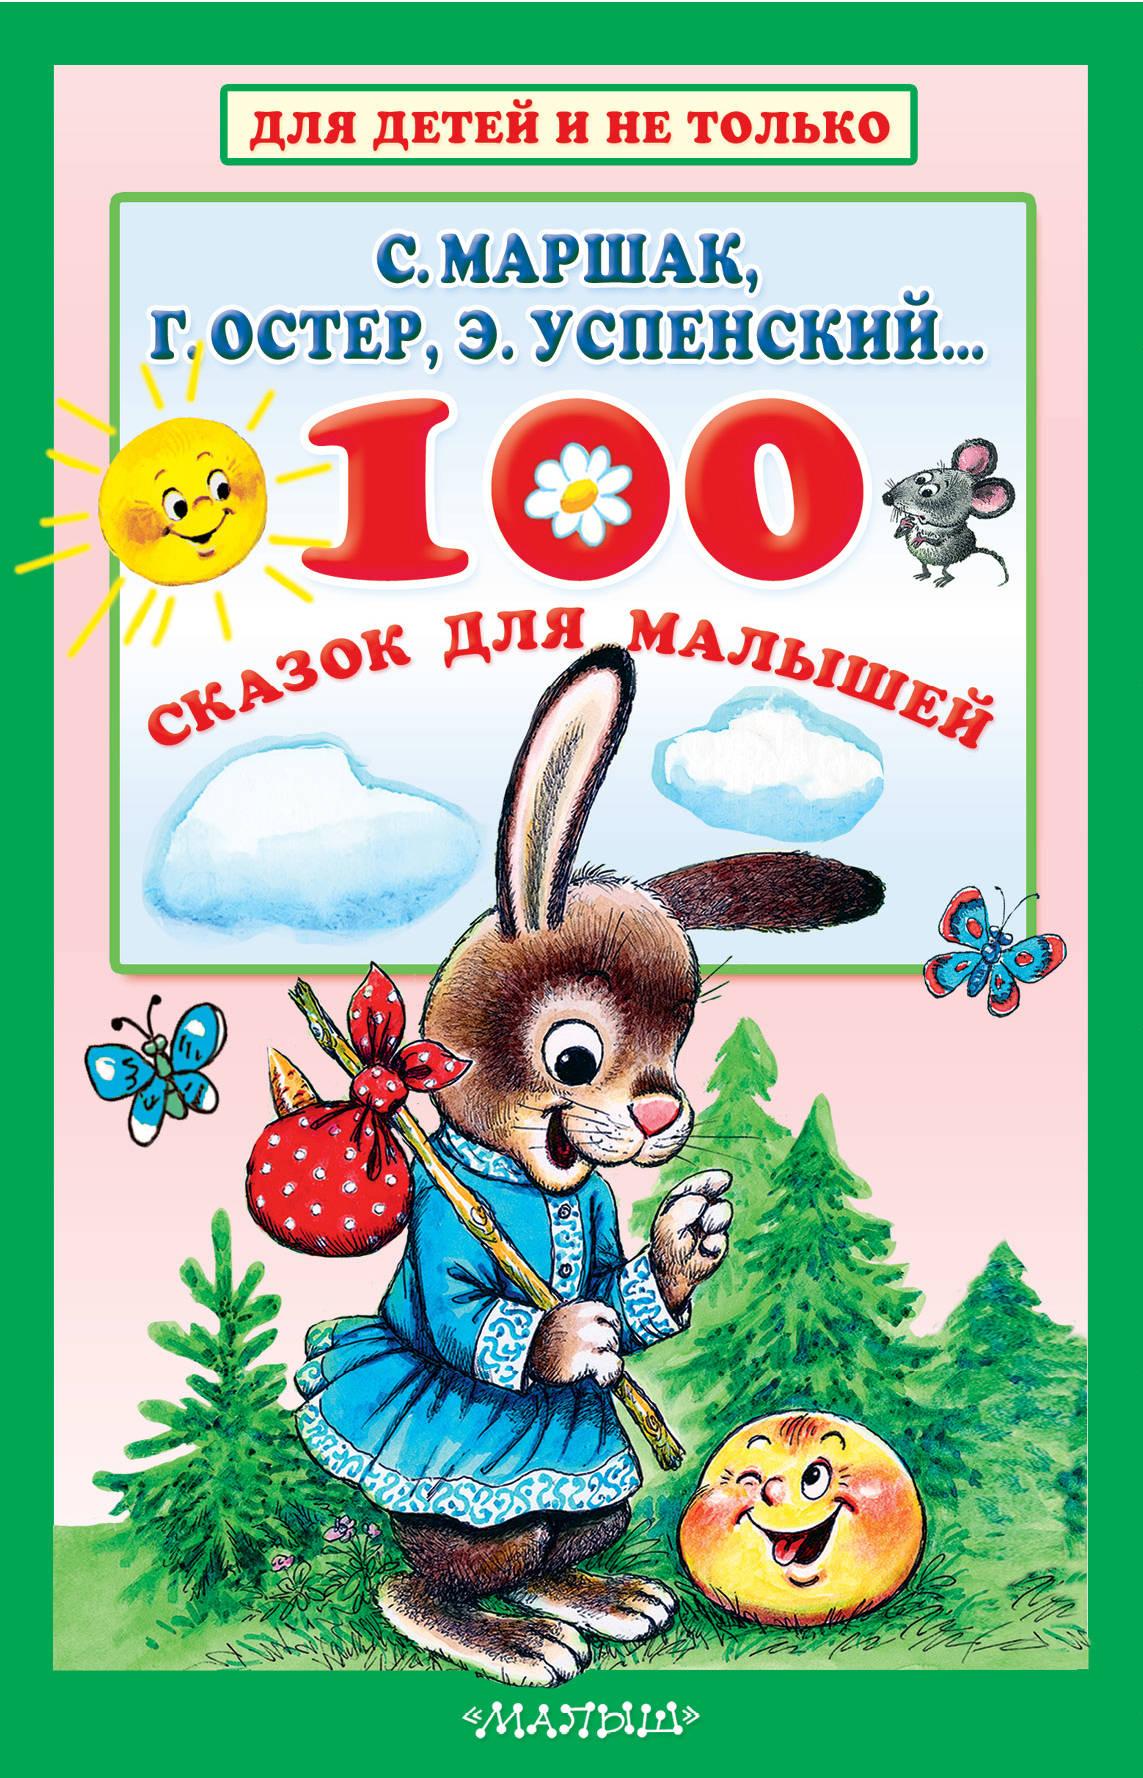 С. Маршак, Э. Успенский, Г. Остер 100 сказок для малышей успенский э н лучшие стихи и сказки для малышей